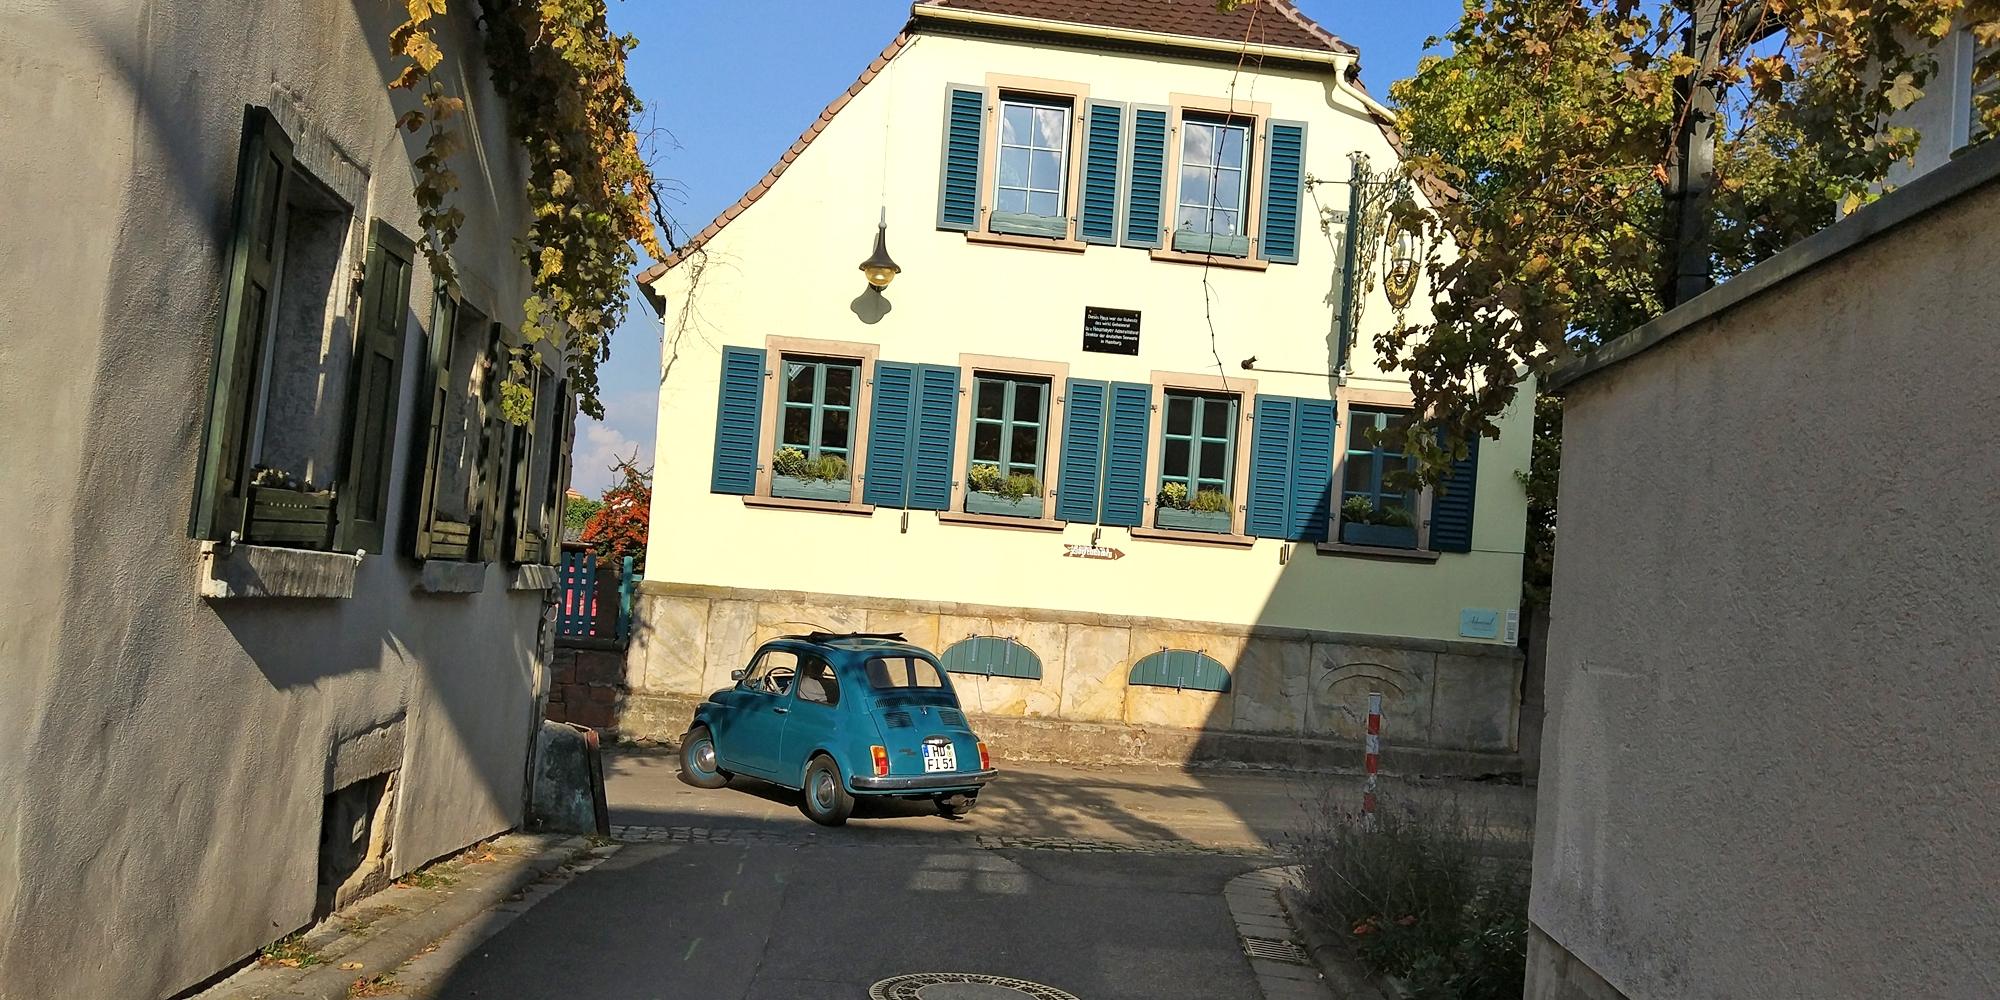 Gemeinsame Ausfahrt in die Pfalz: FIat 500 und Goggomobil Coupé